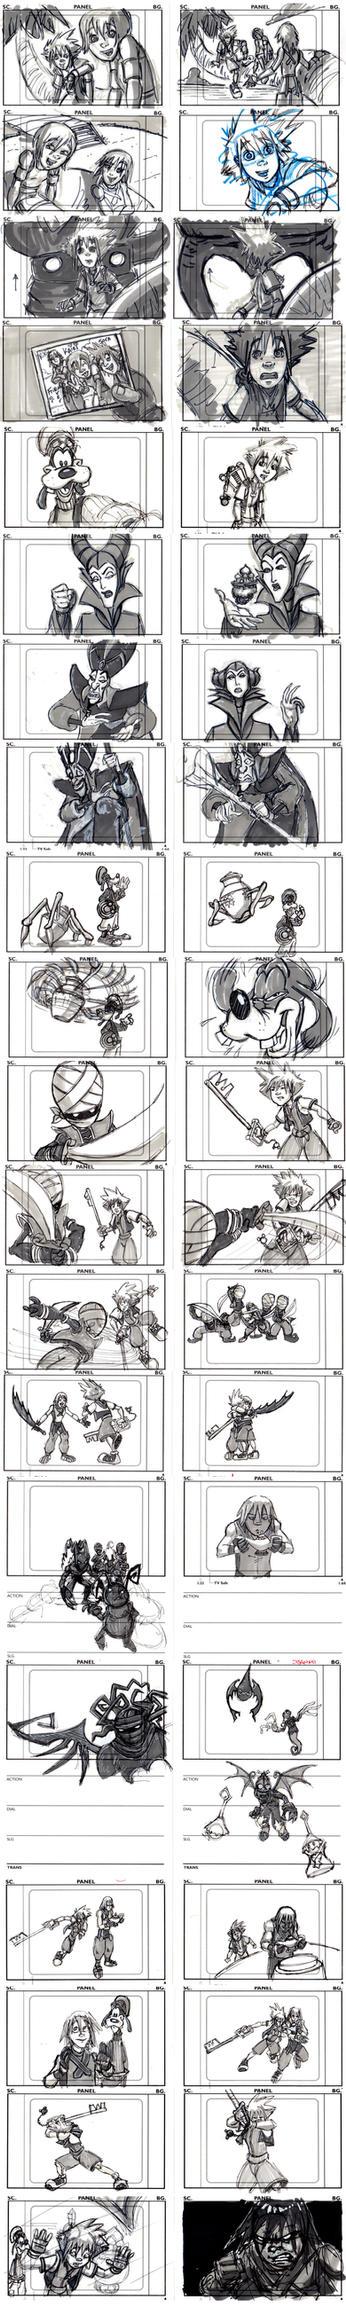 Kingdom Hearts Pilot Board by SethKearsley